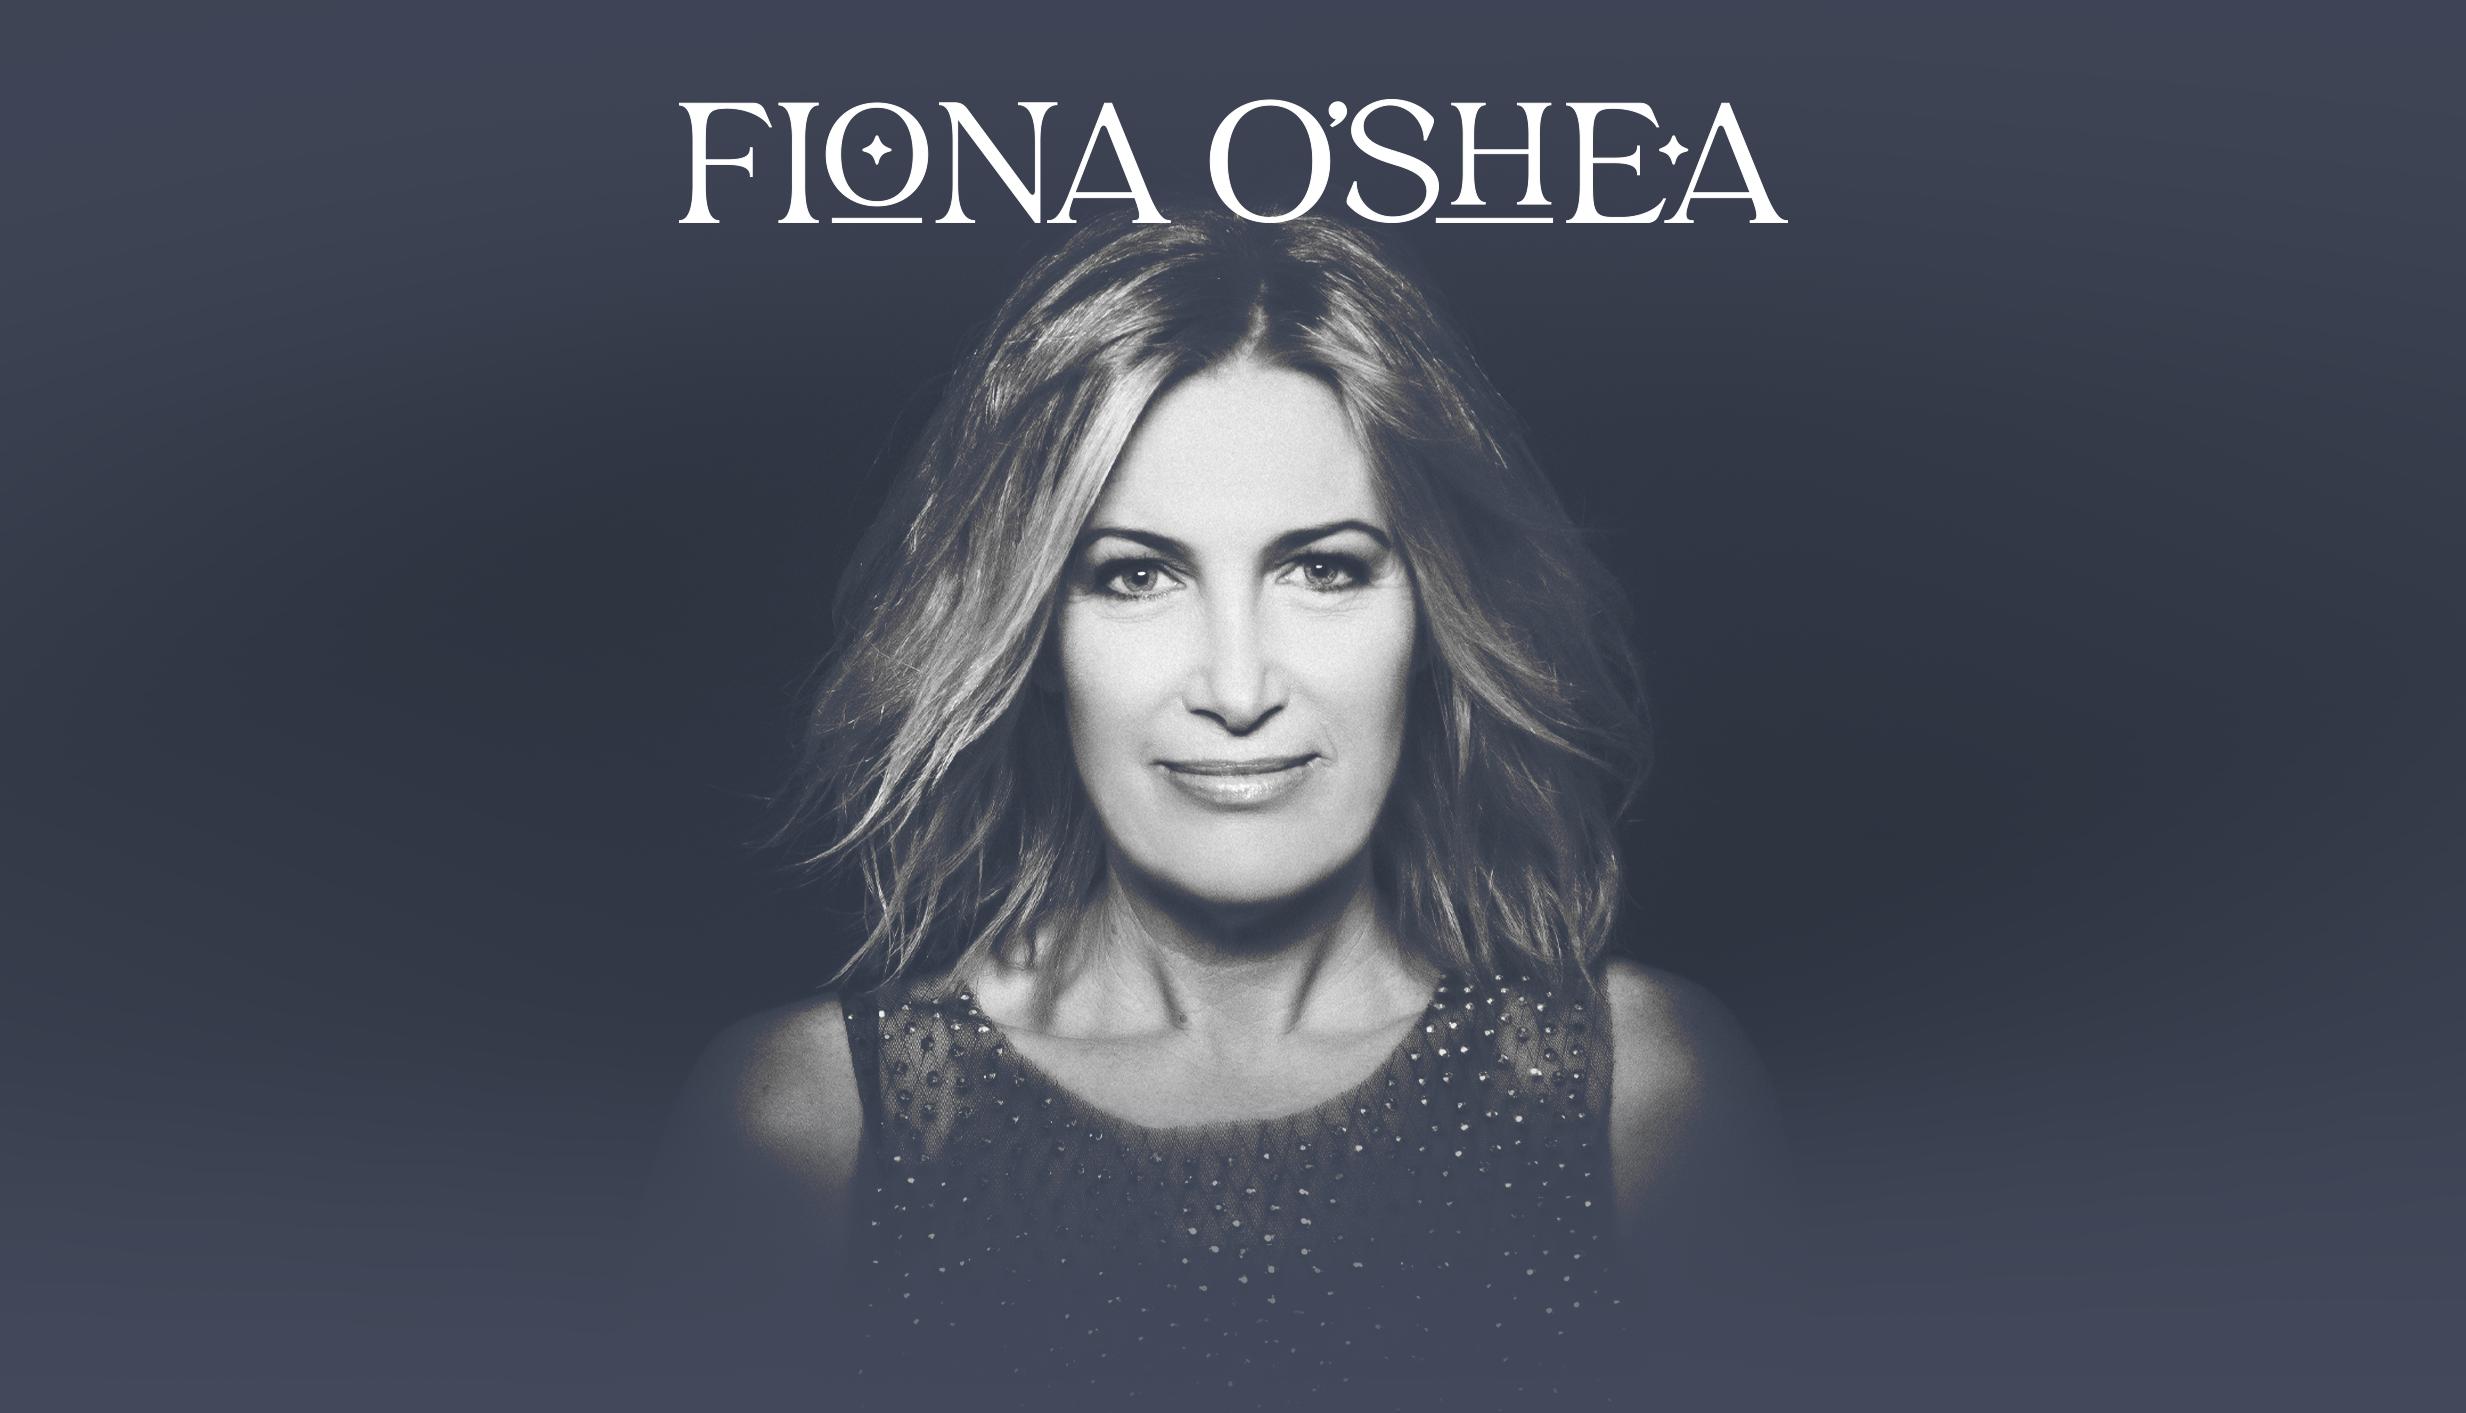 Fiona O'Shea